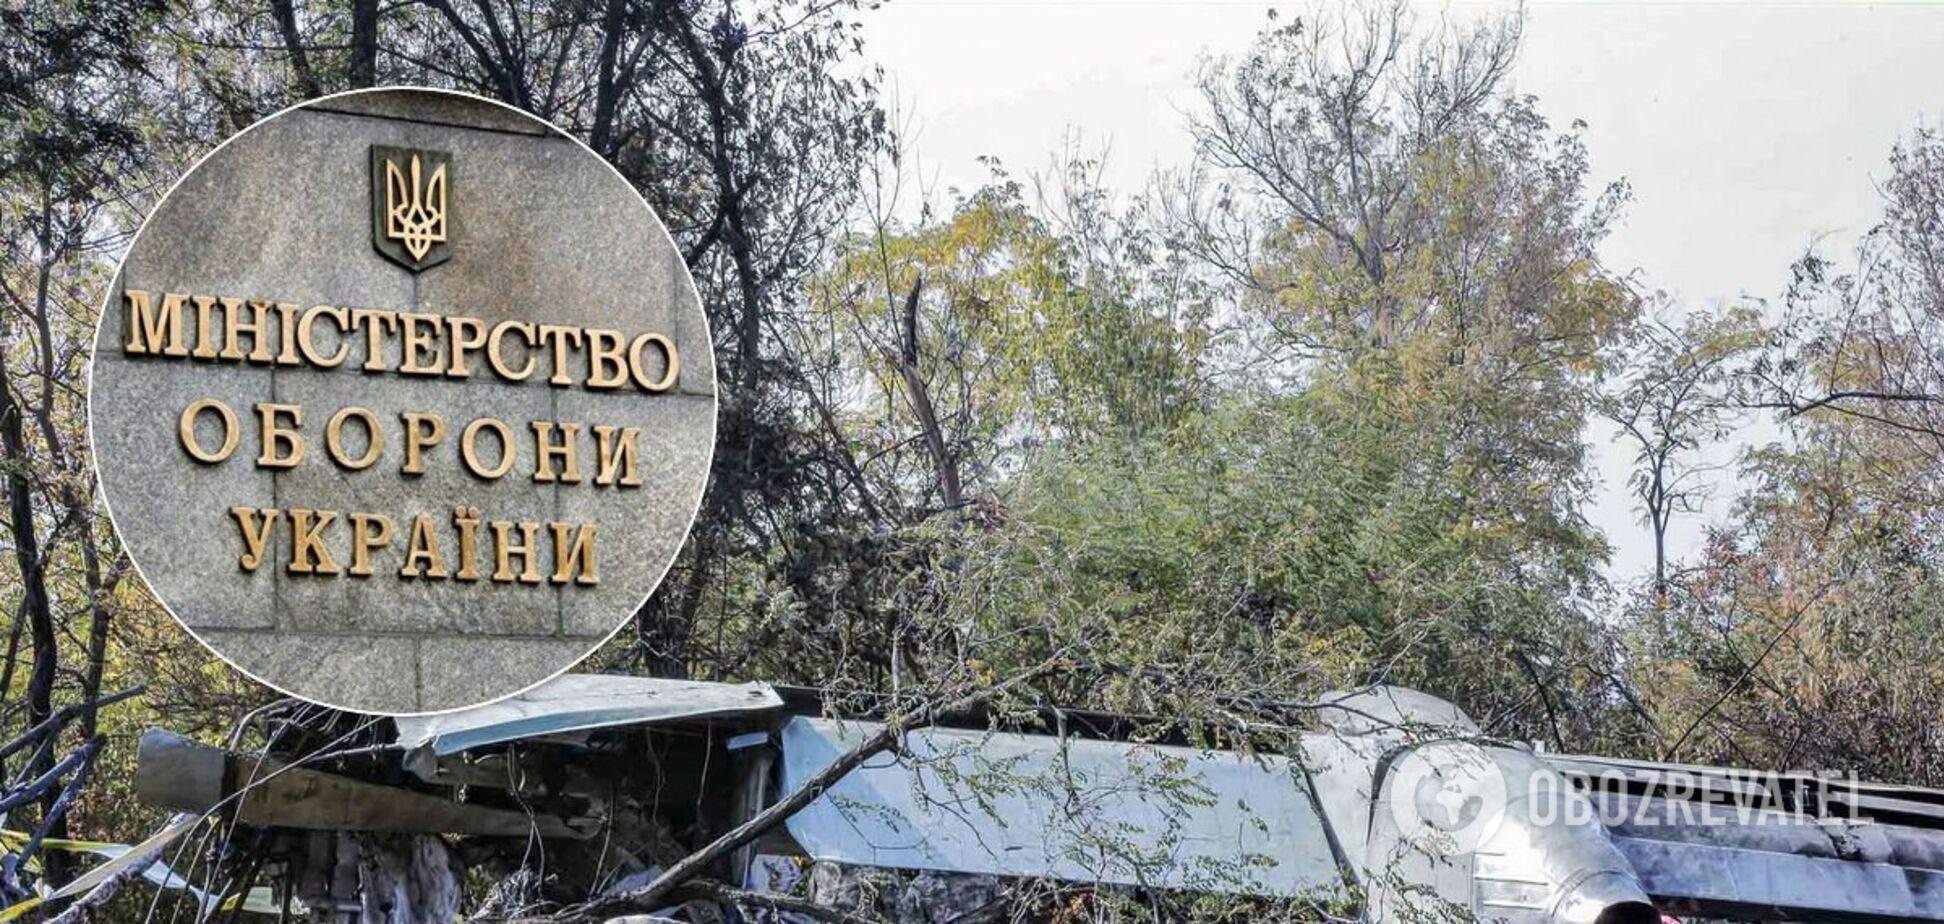 Минобороны издало указ об отстранении ректора ХНУВС по делу о катастрофе Ан-26